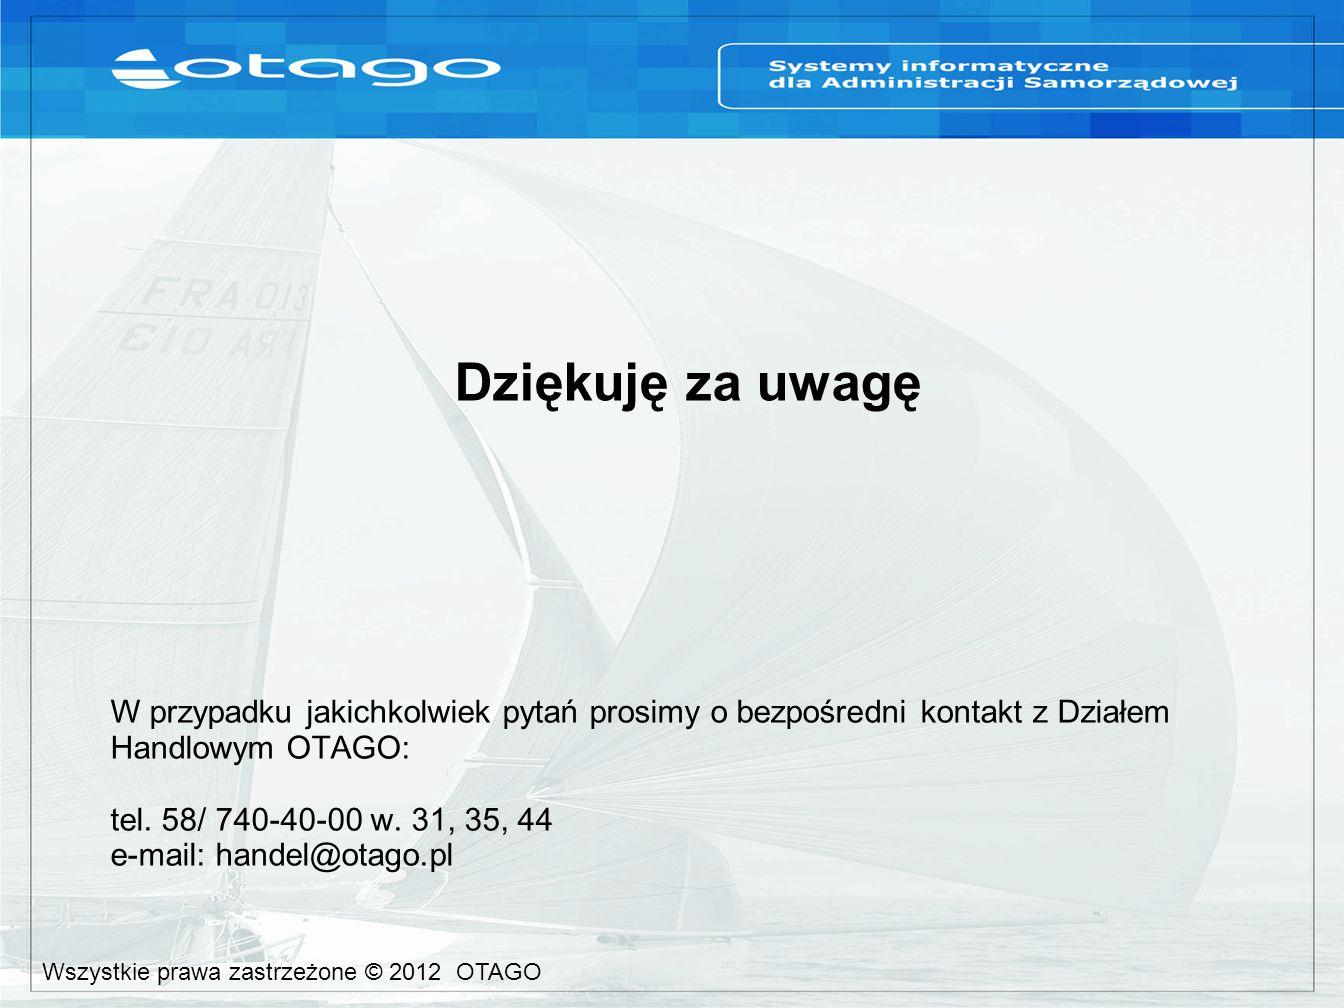 W przypadku jakichkolwiek pytań prosimy o bezpośredni kontakt z Działem Handlowym OTAGO: tel.